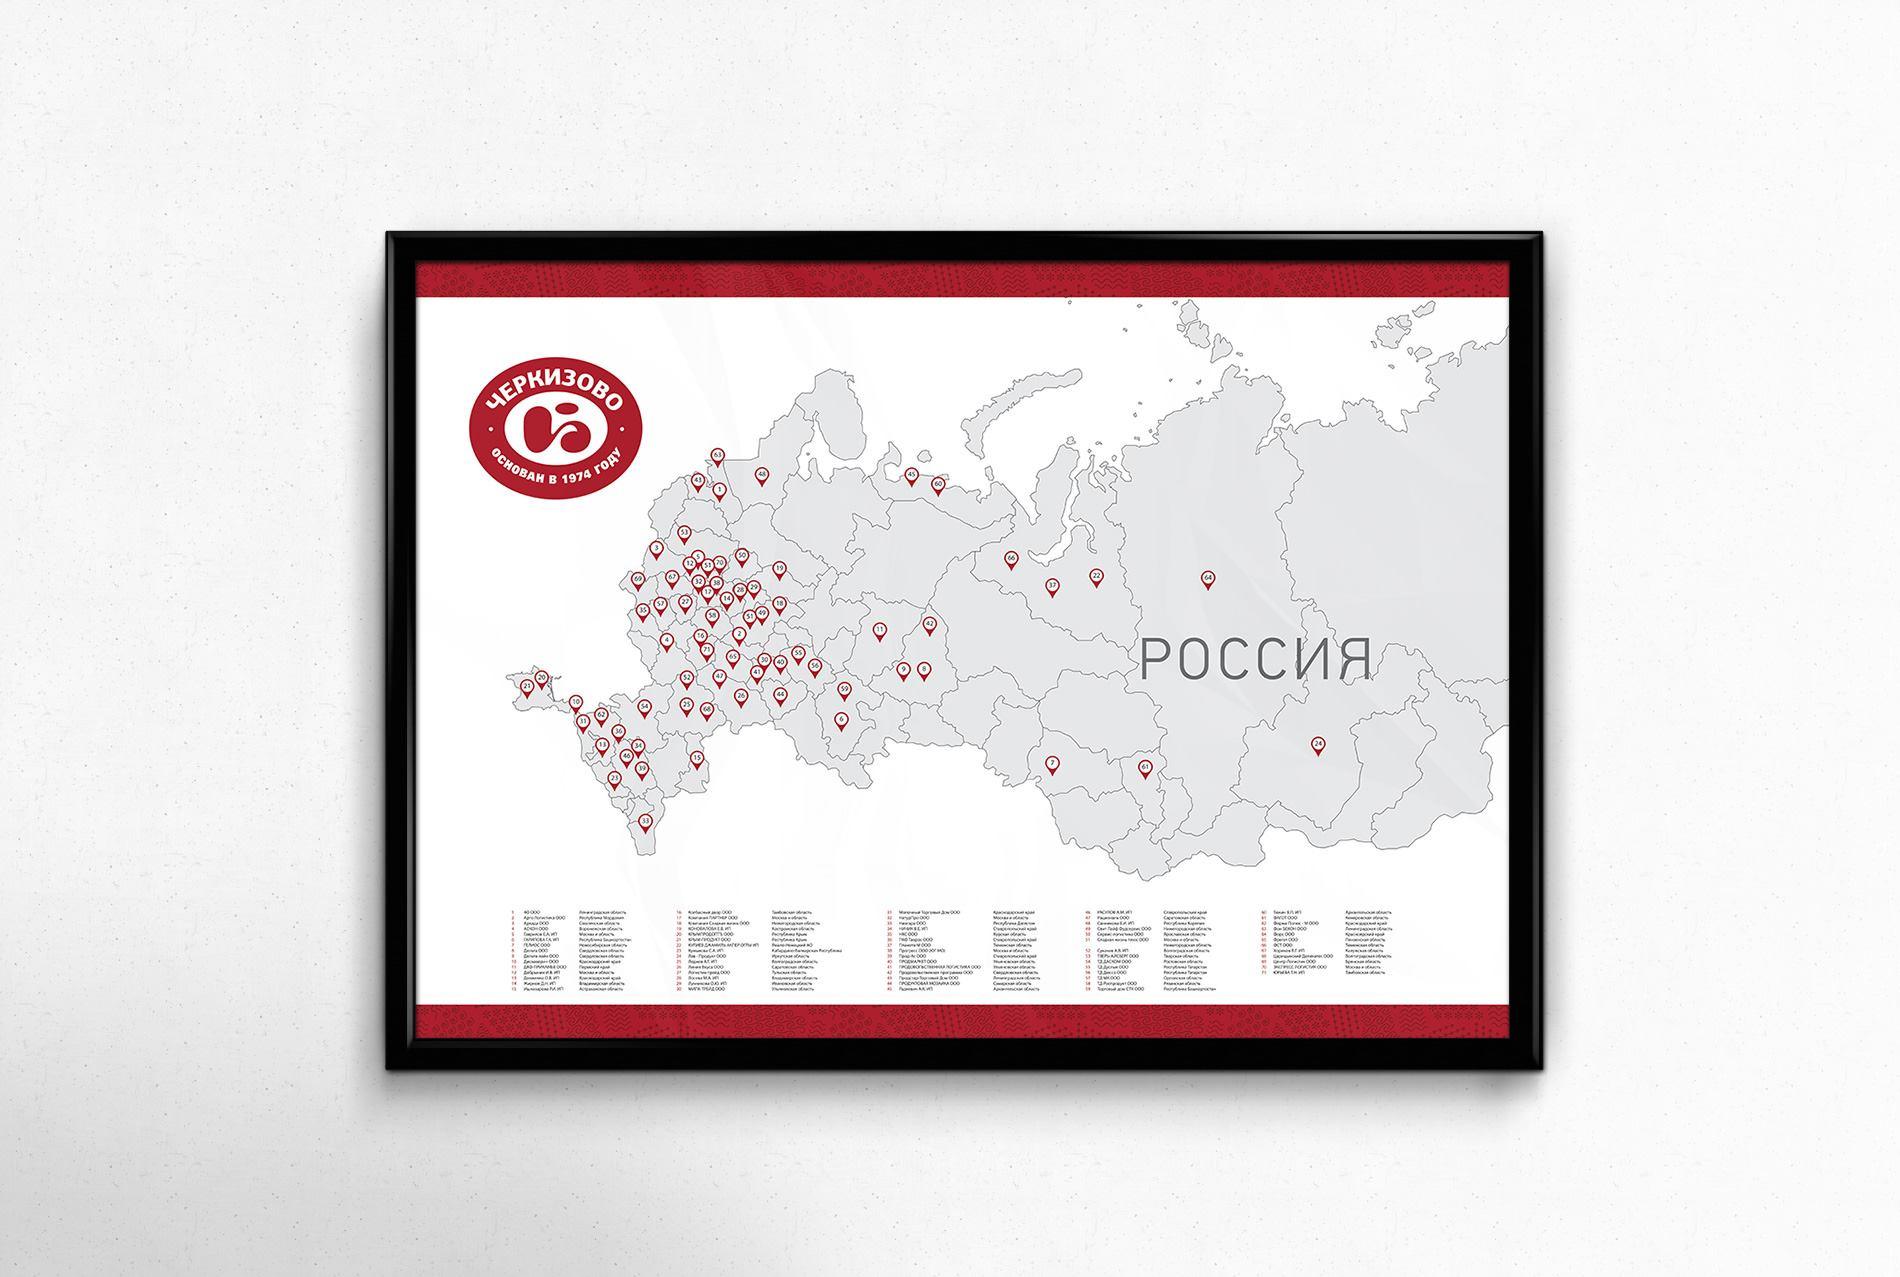 cherkizovo_suv_02